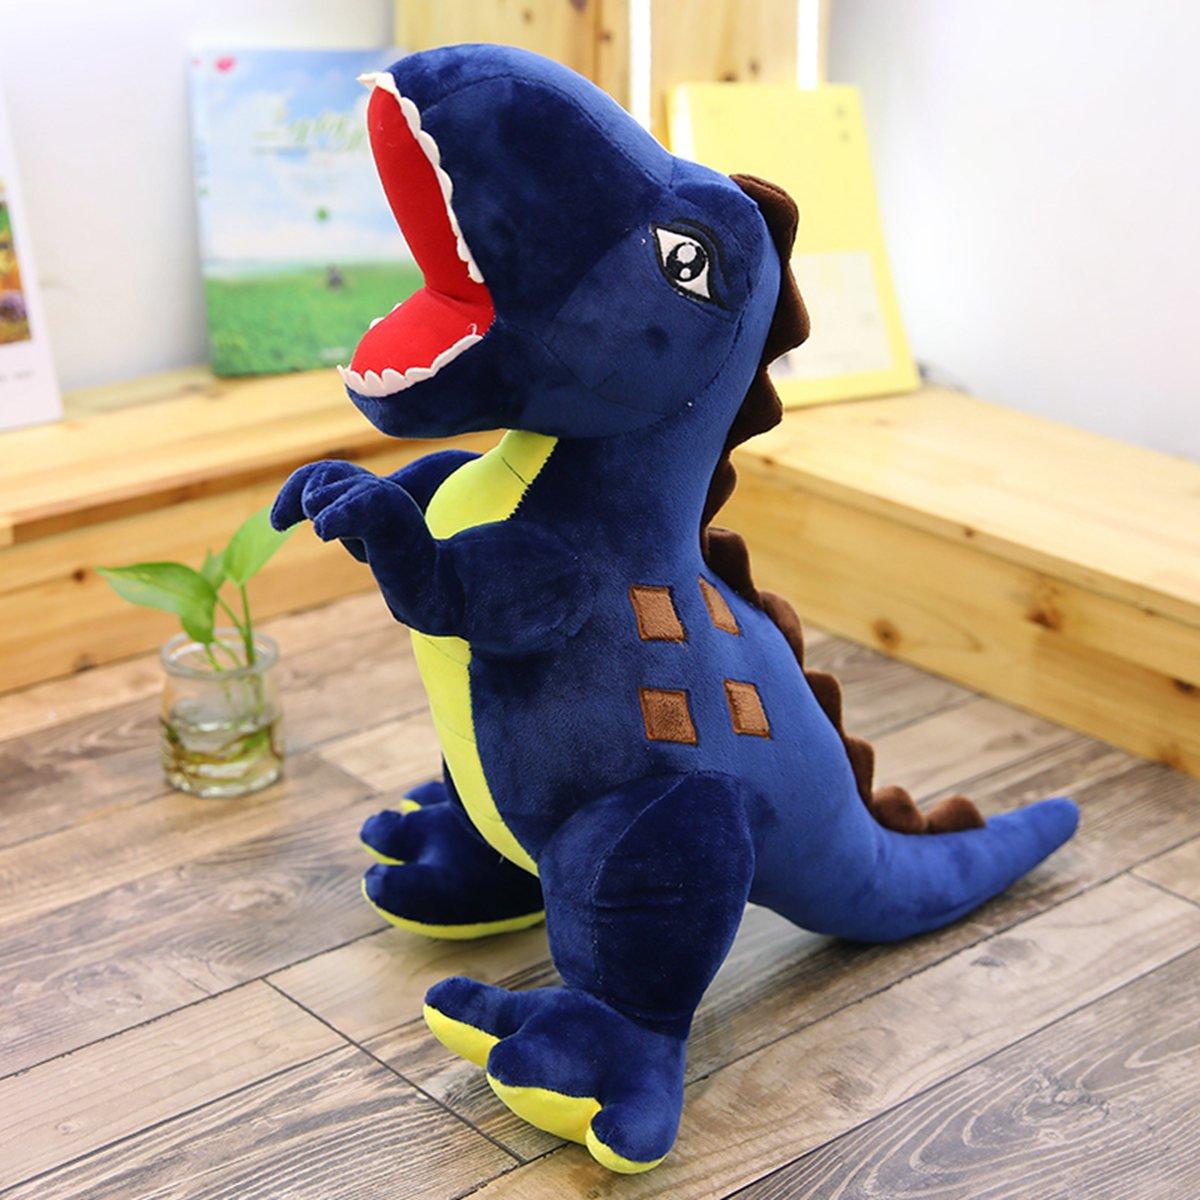 Bleu 115cm ahzha Poupée de Dinosaure Peluche Jouet Grand Roi Dragon d'étreinte d'oreiller de Tissu de poupée d'enfant d'anniversaire 115cm Vert